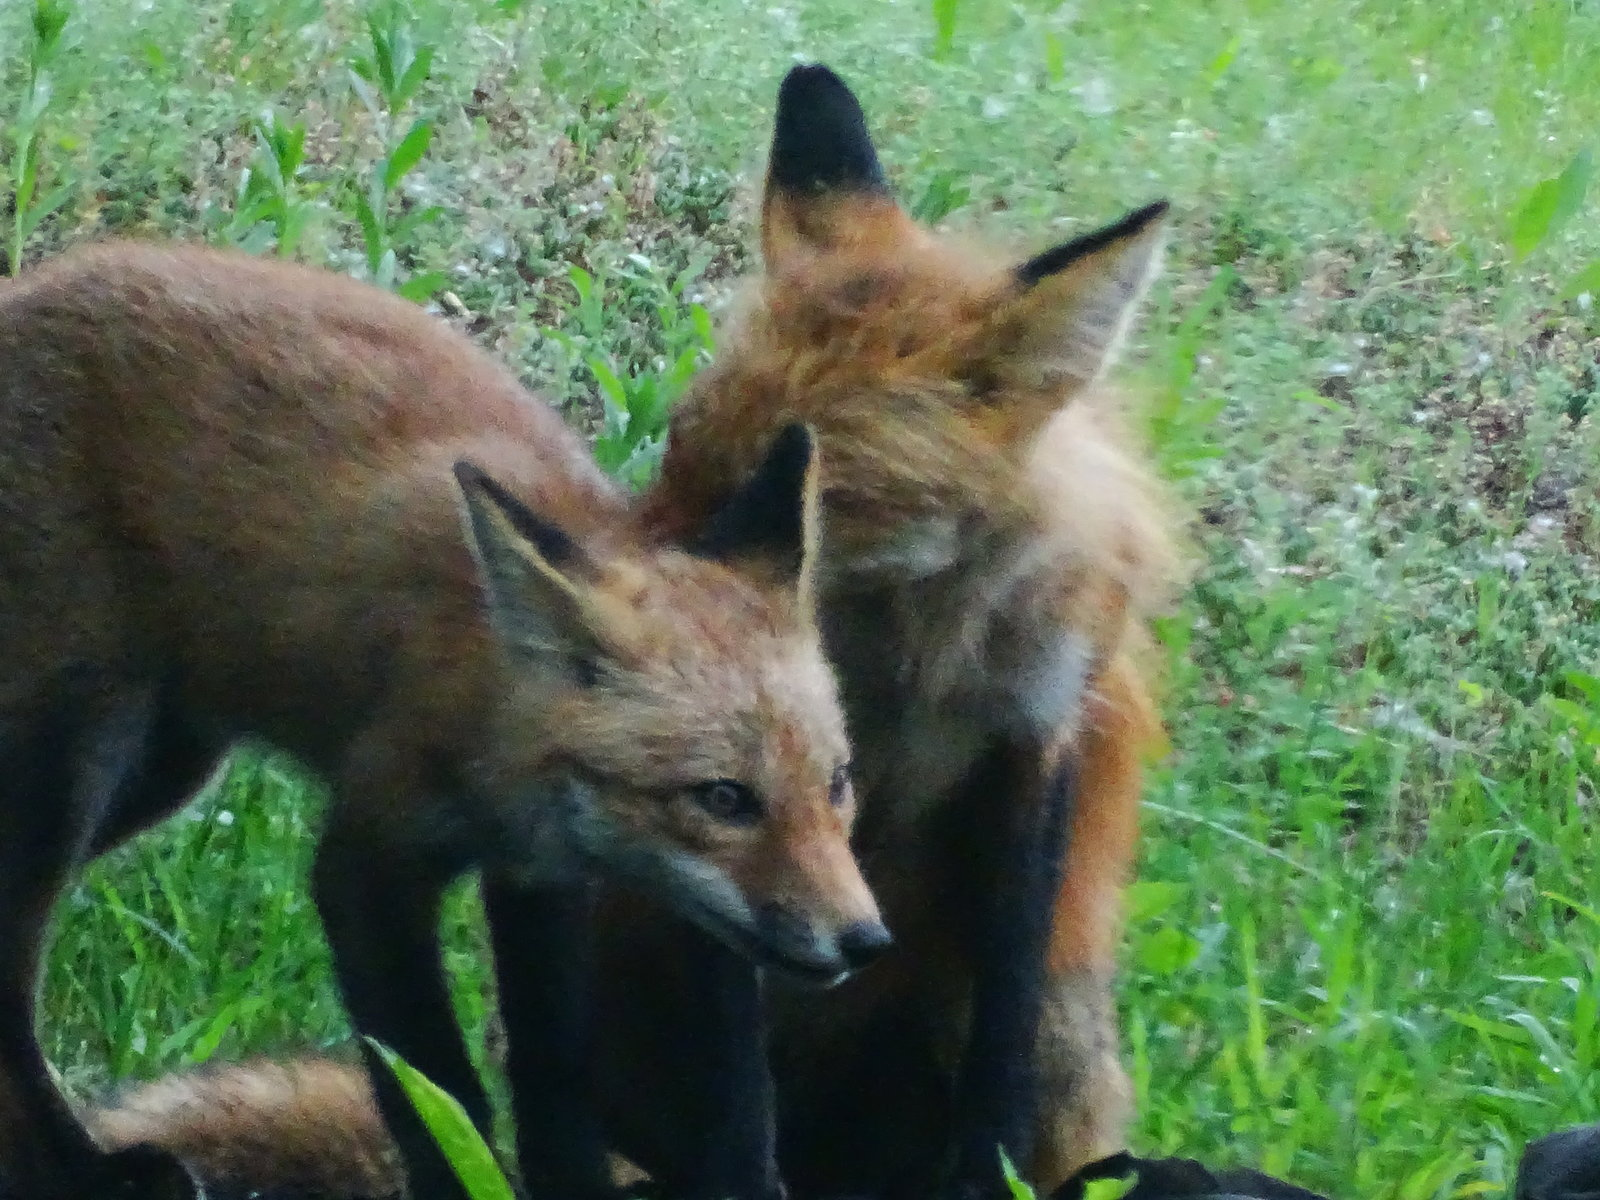 HX400V foxes playing 008.JPG